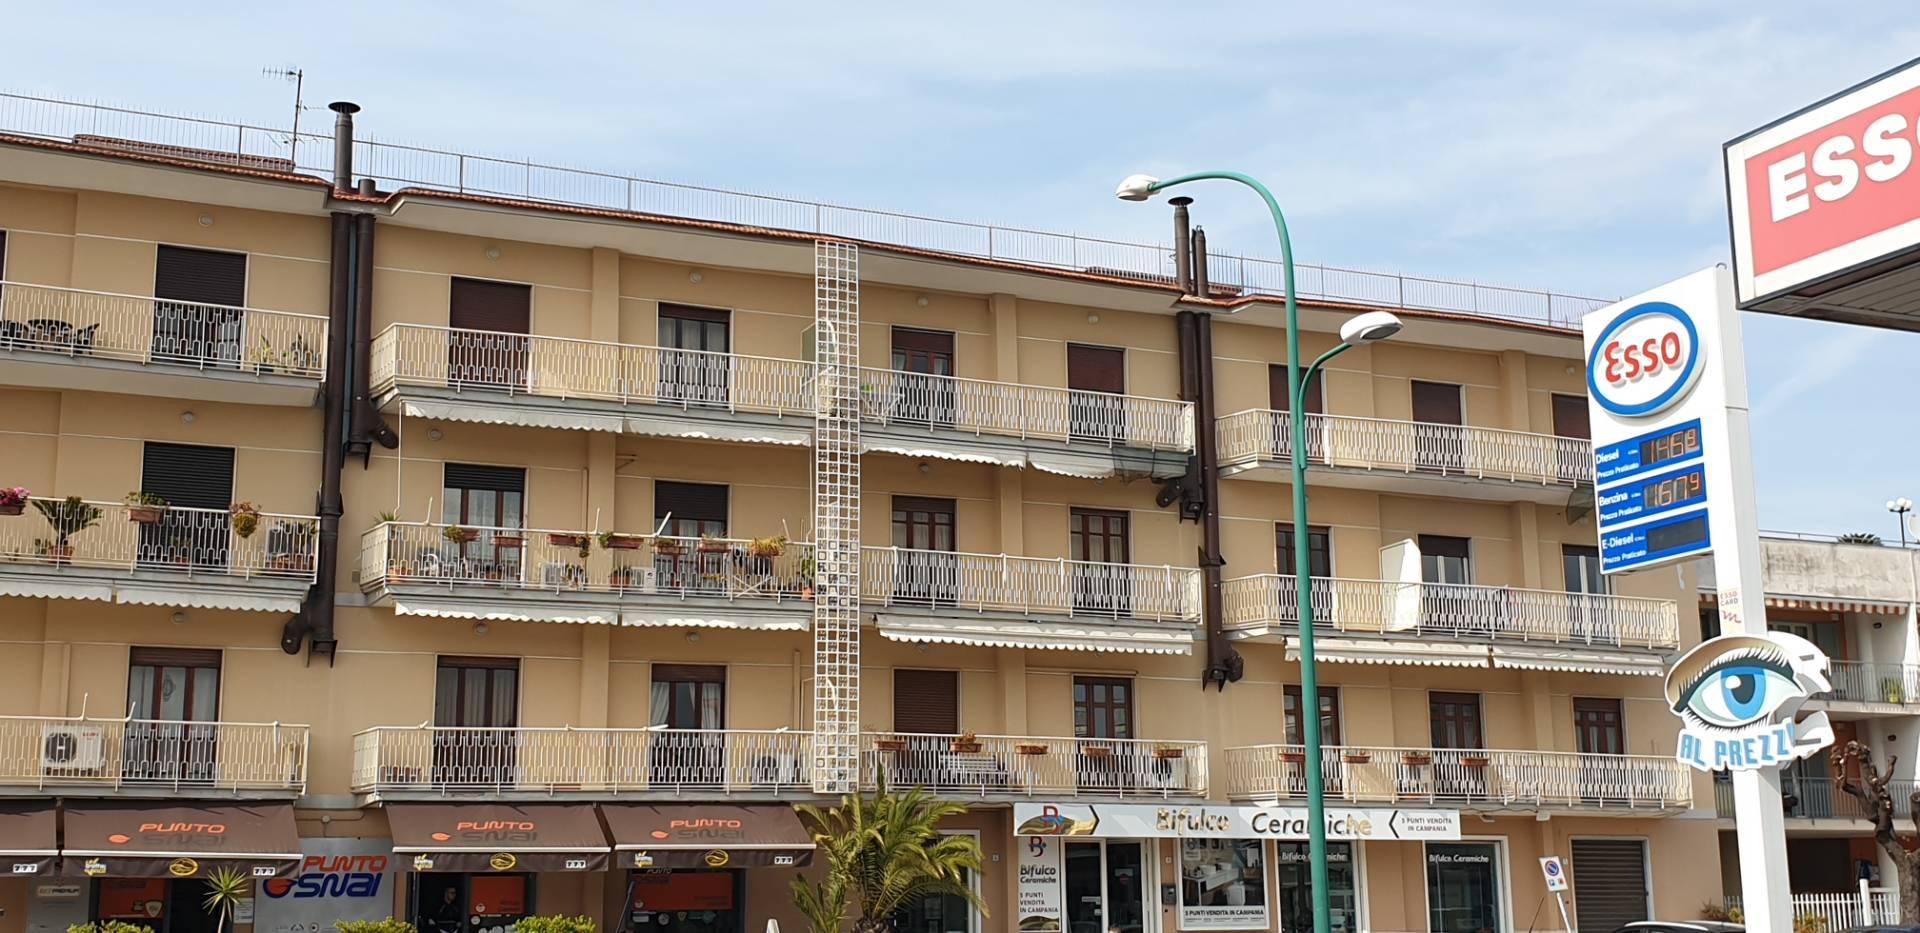 Appartamento in affitto a Mariglianella, 3 locali, prezzo € 450   CambioCasa.it